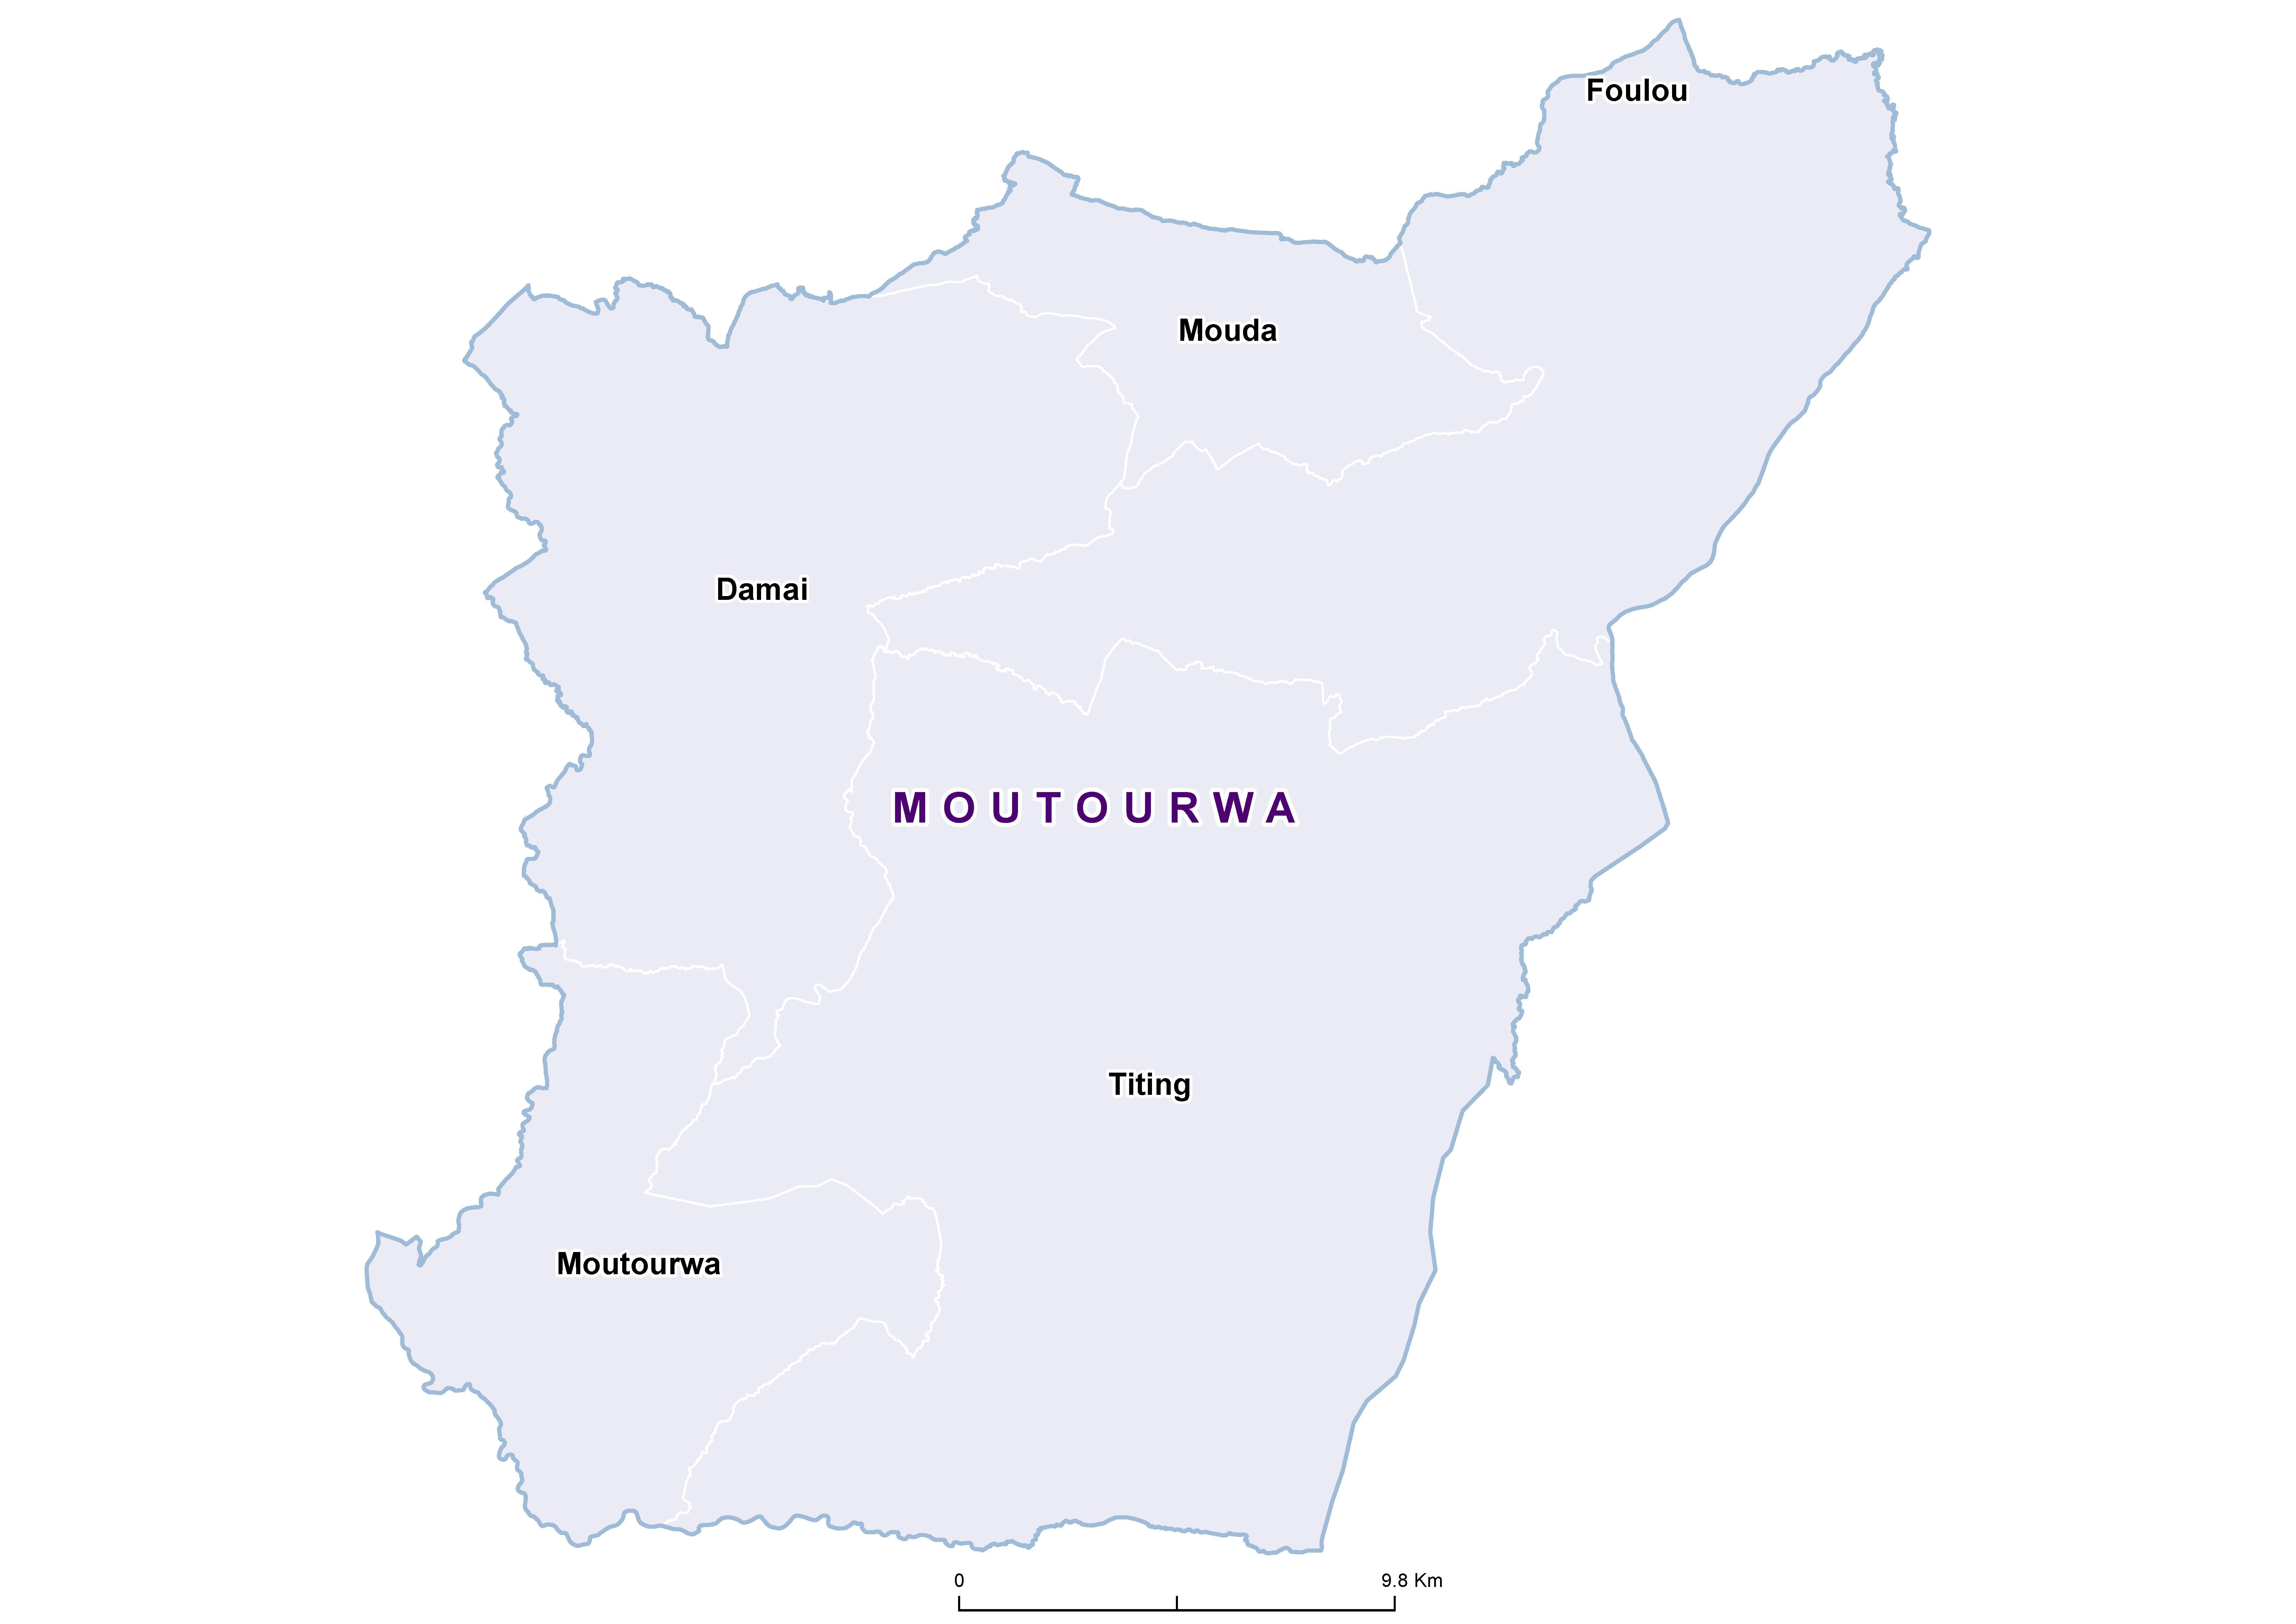 Moutourwa SCH 20180001